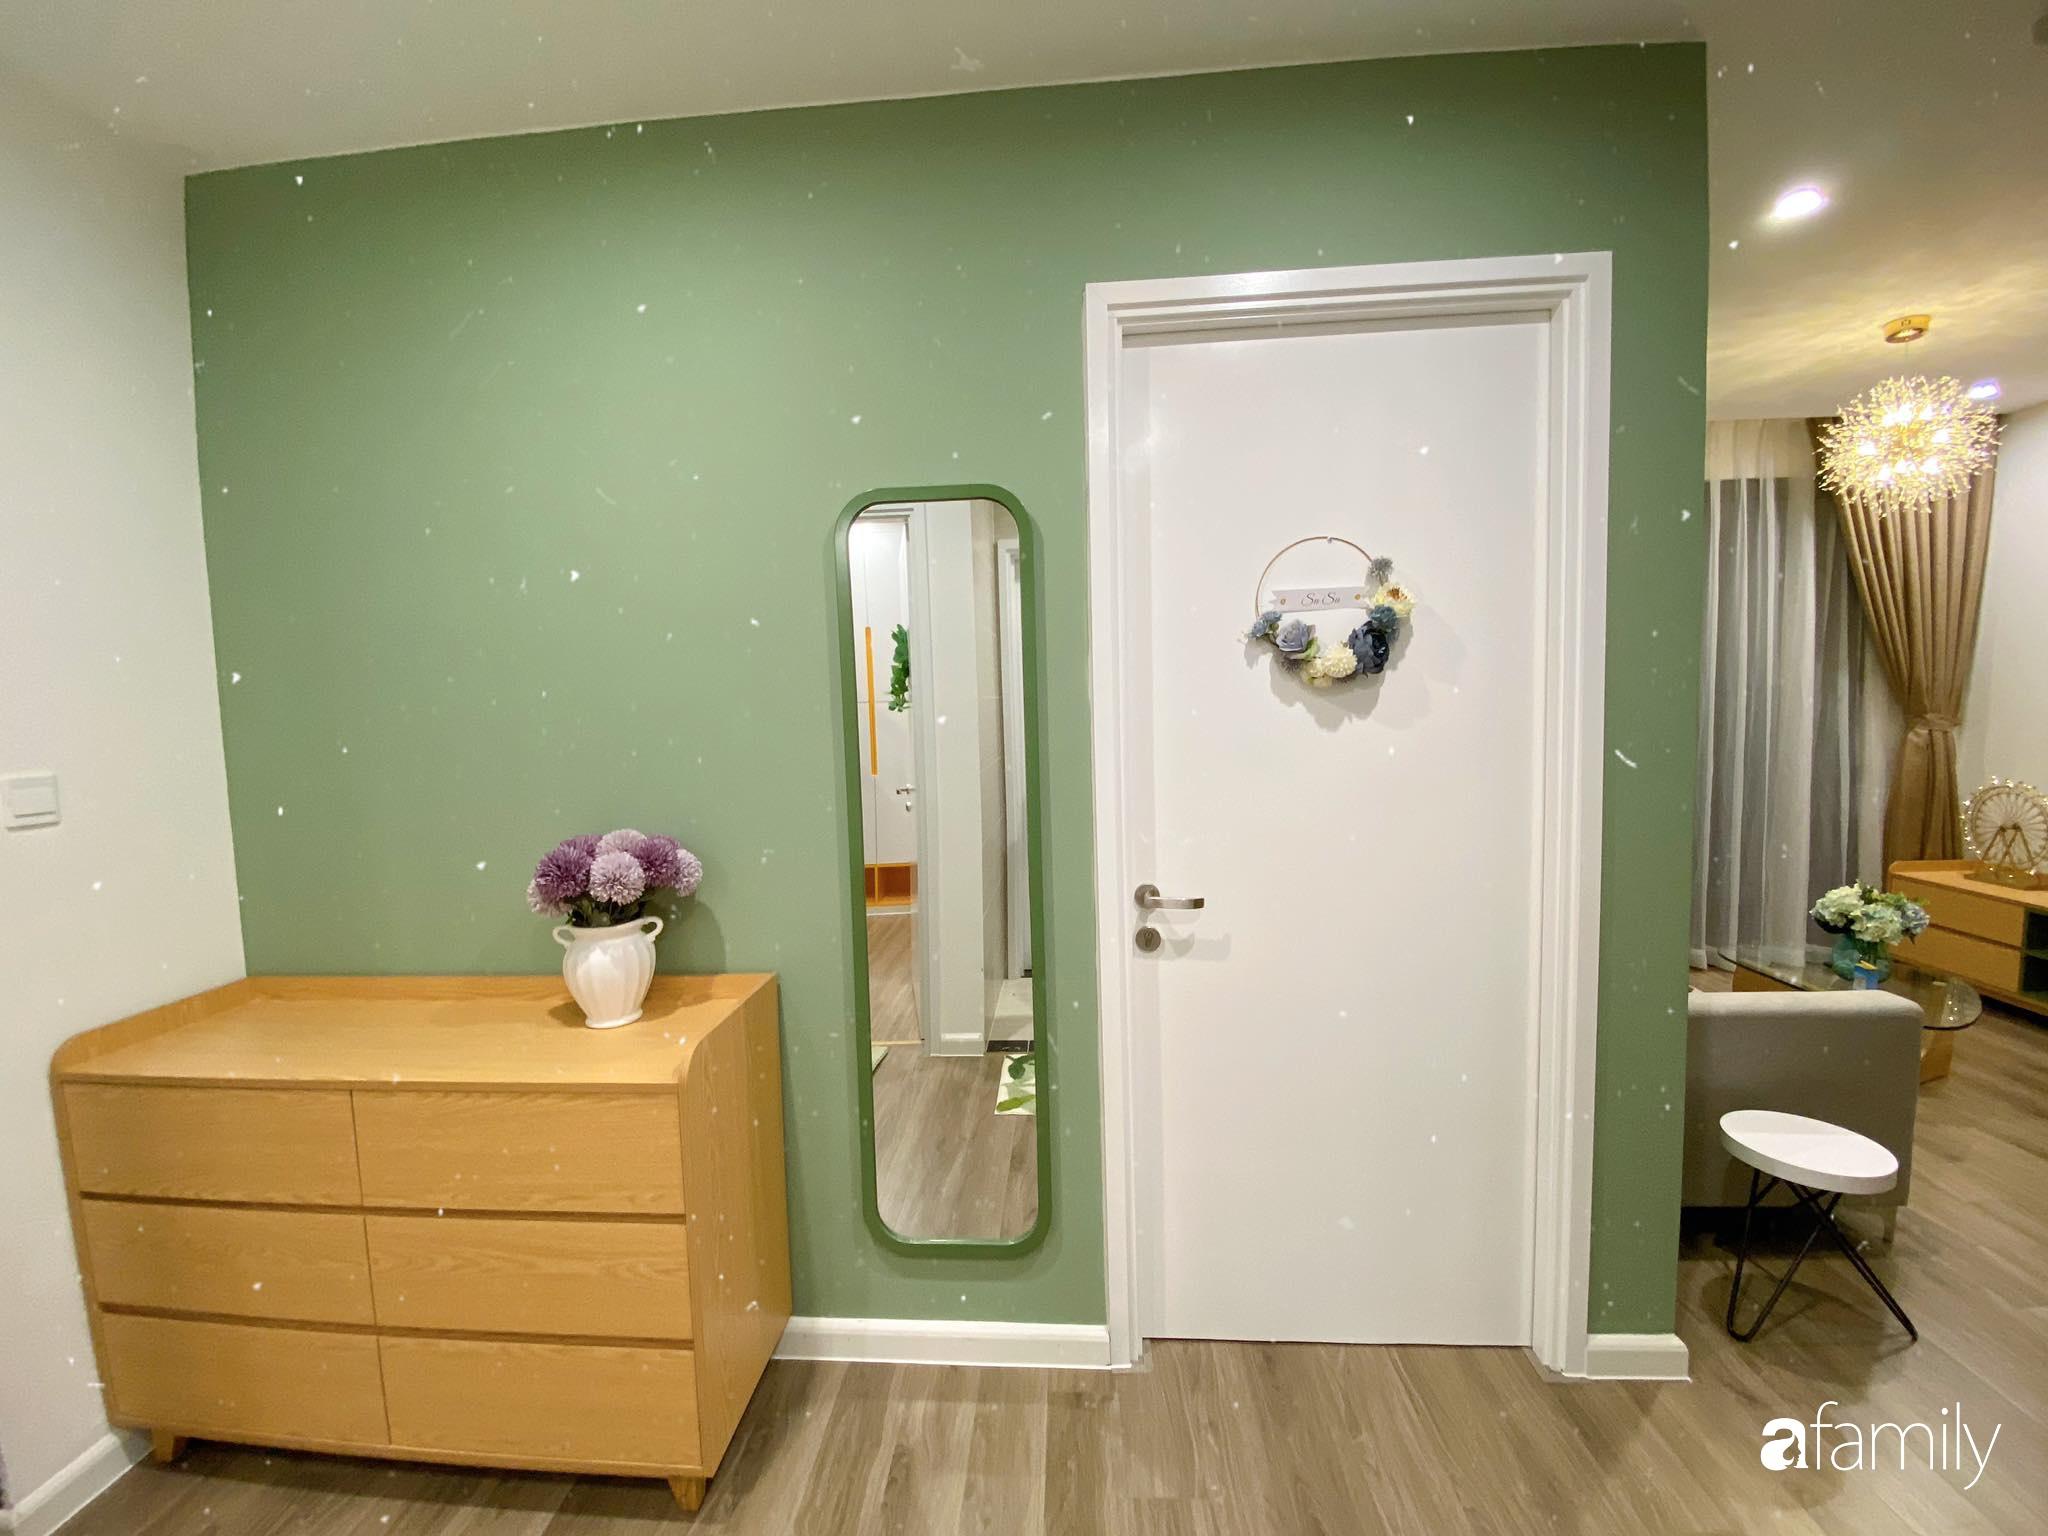 Căn hộ 59m² màu xanh lá xua tan nóng bức mùa hè có chi phí hoàn thiện 225 triệu đồng ở Hà Nội - Ảnh 5.